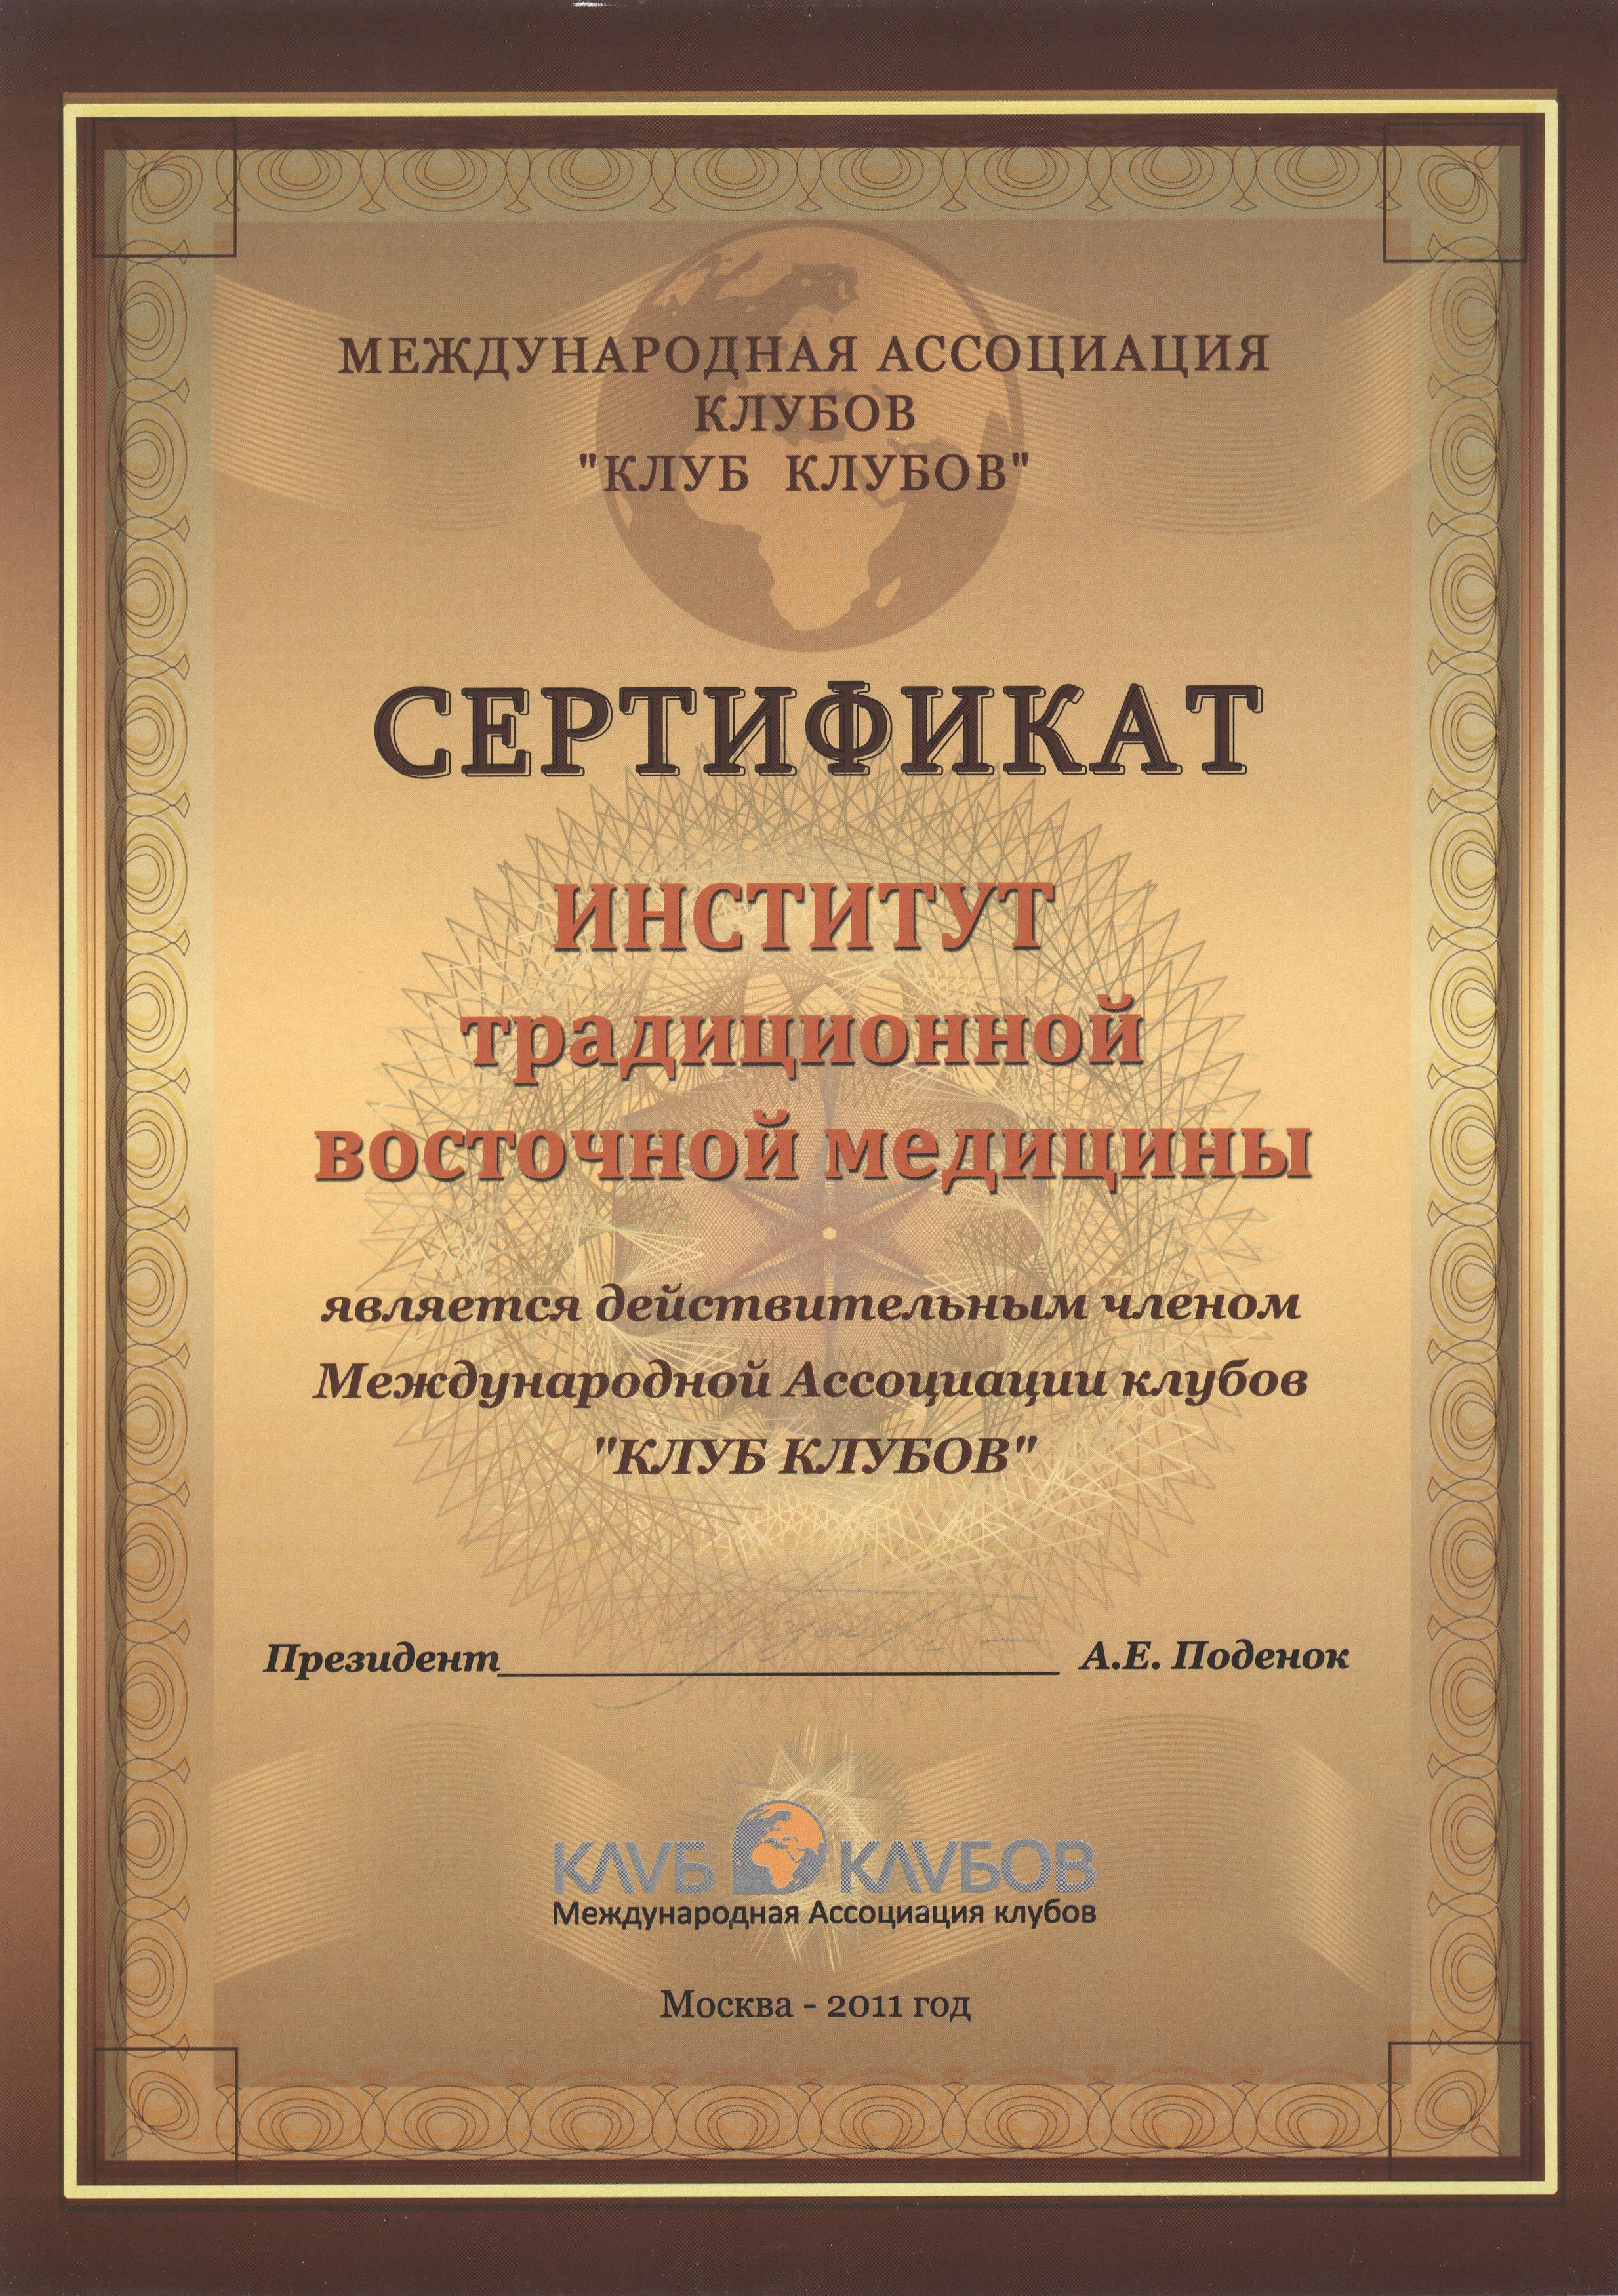 Дипломы и Сертификаты ⋆ ru Дипломы и Сертификаты